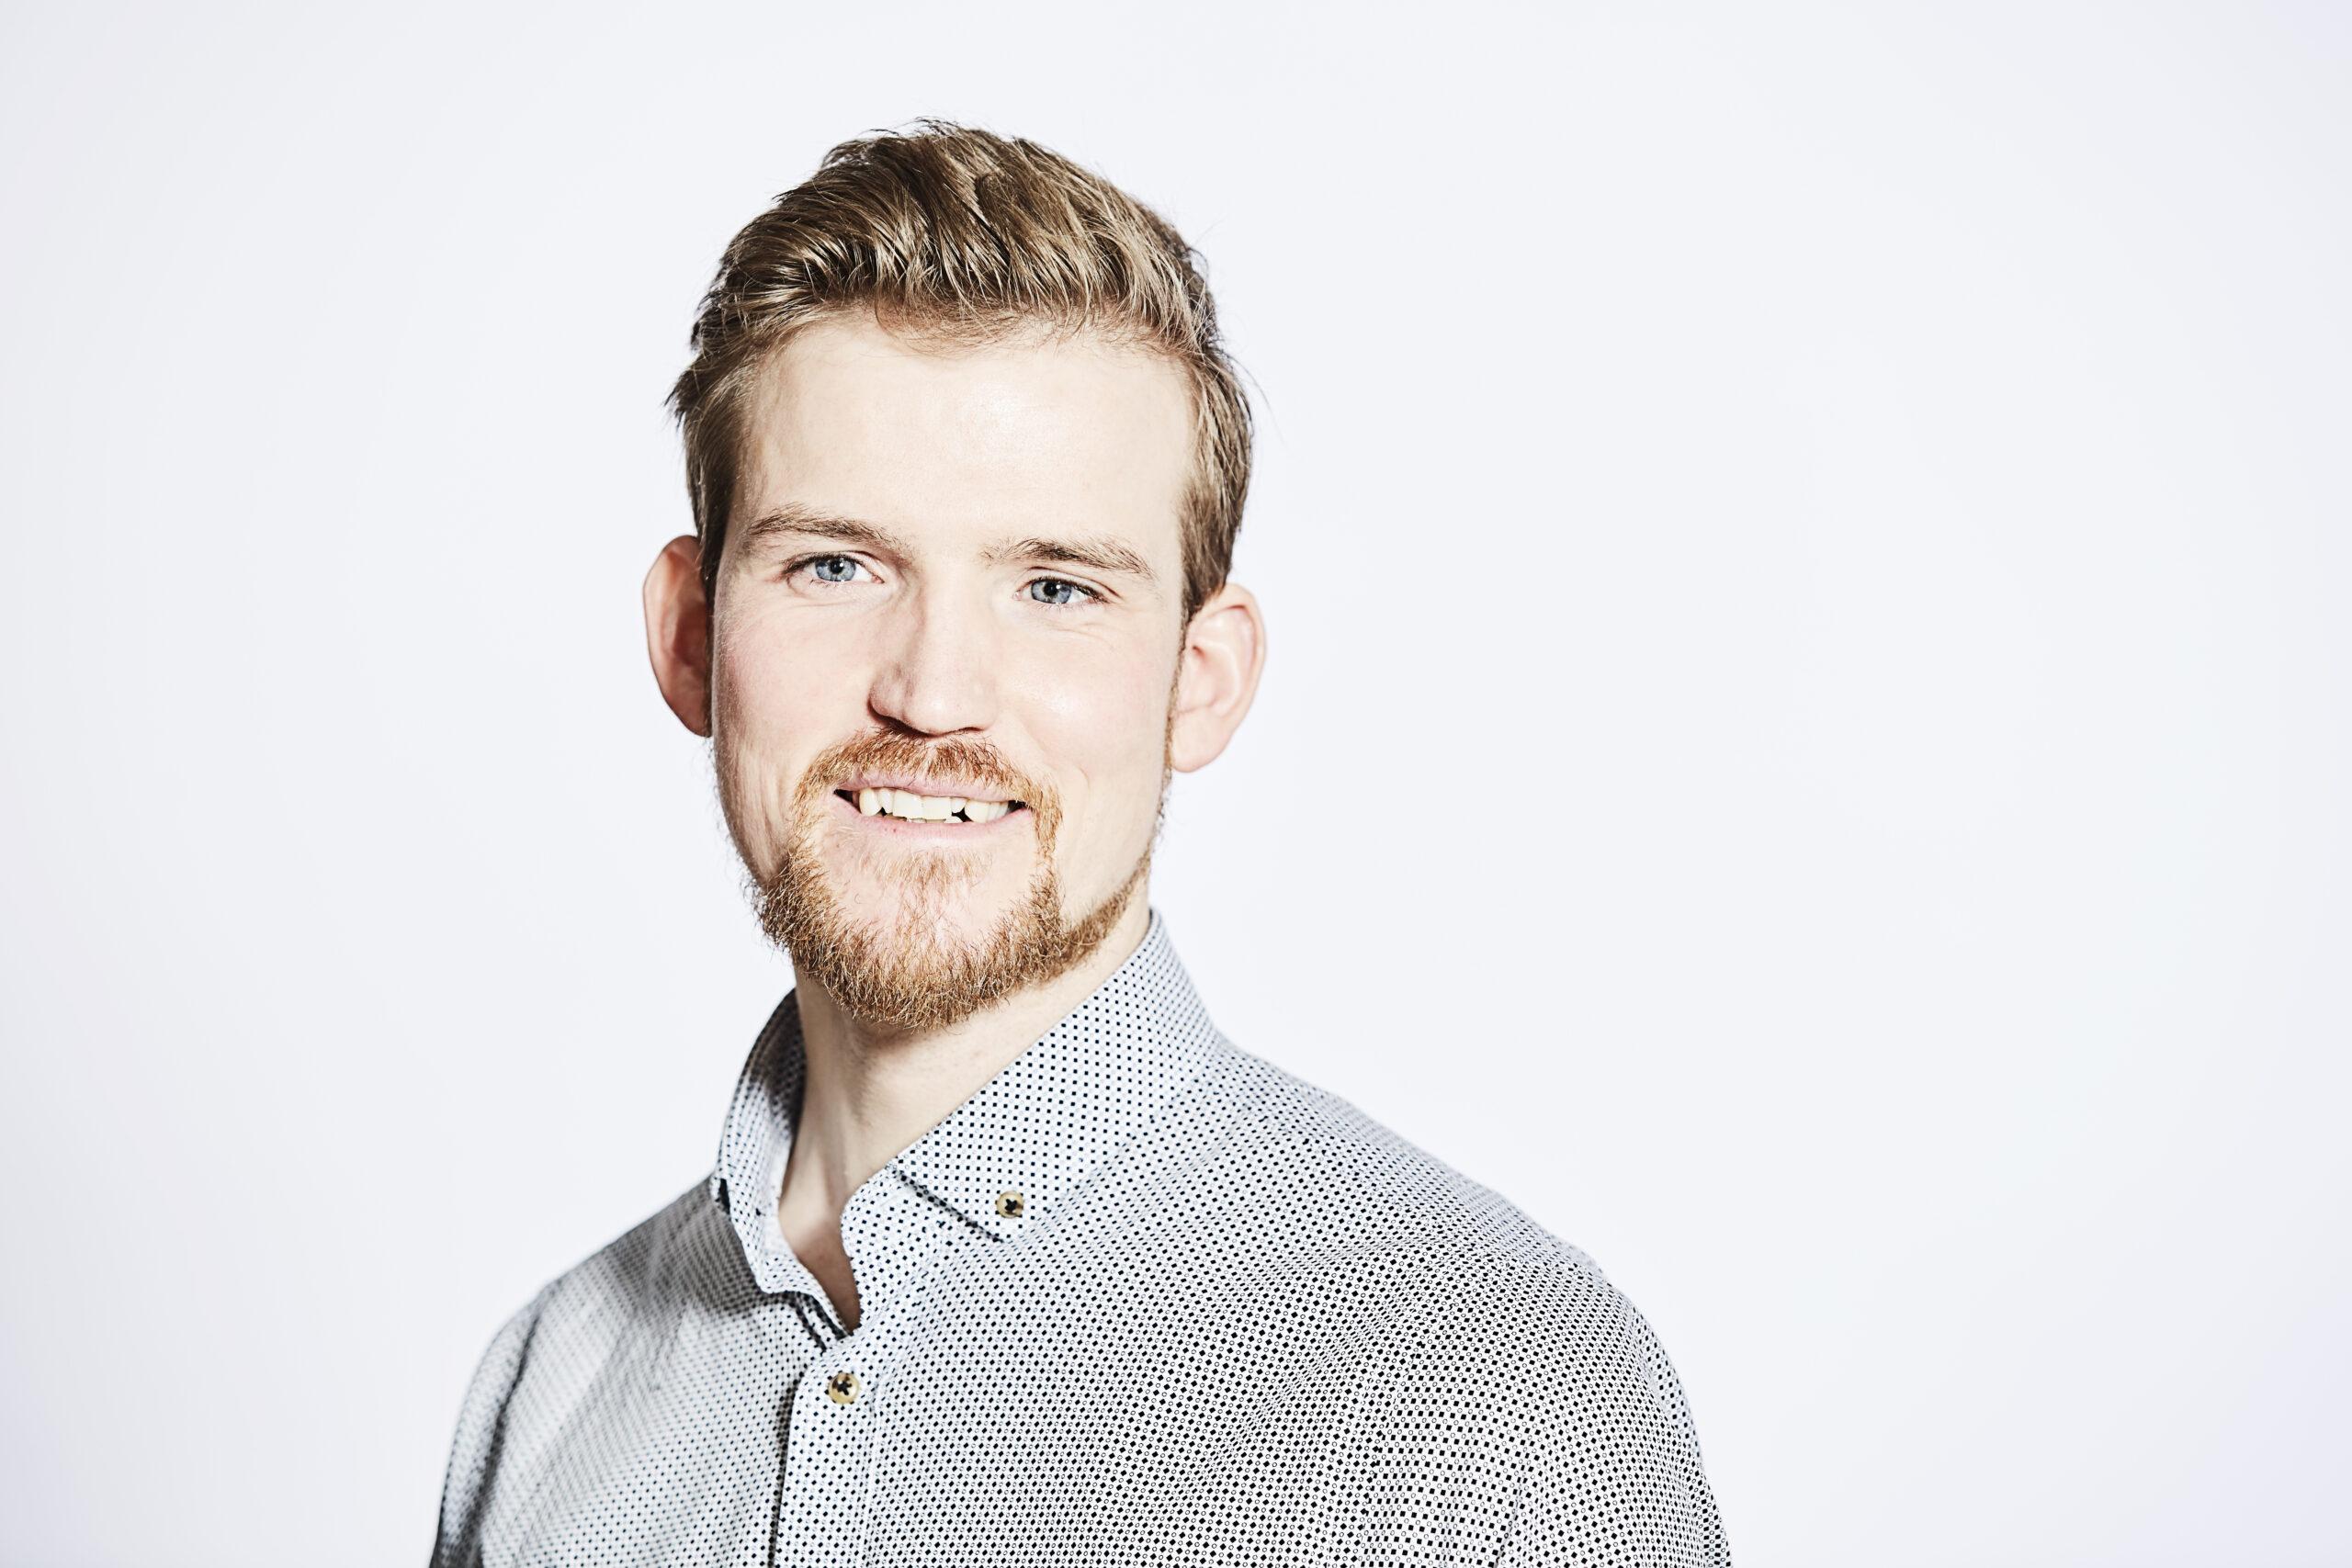 Søren_dinezen_profilbillede